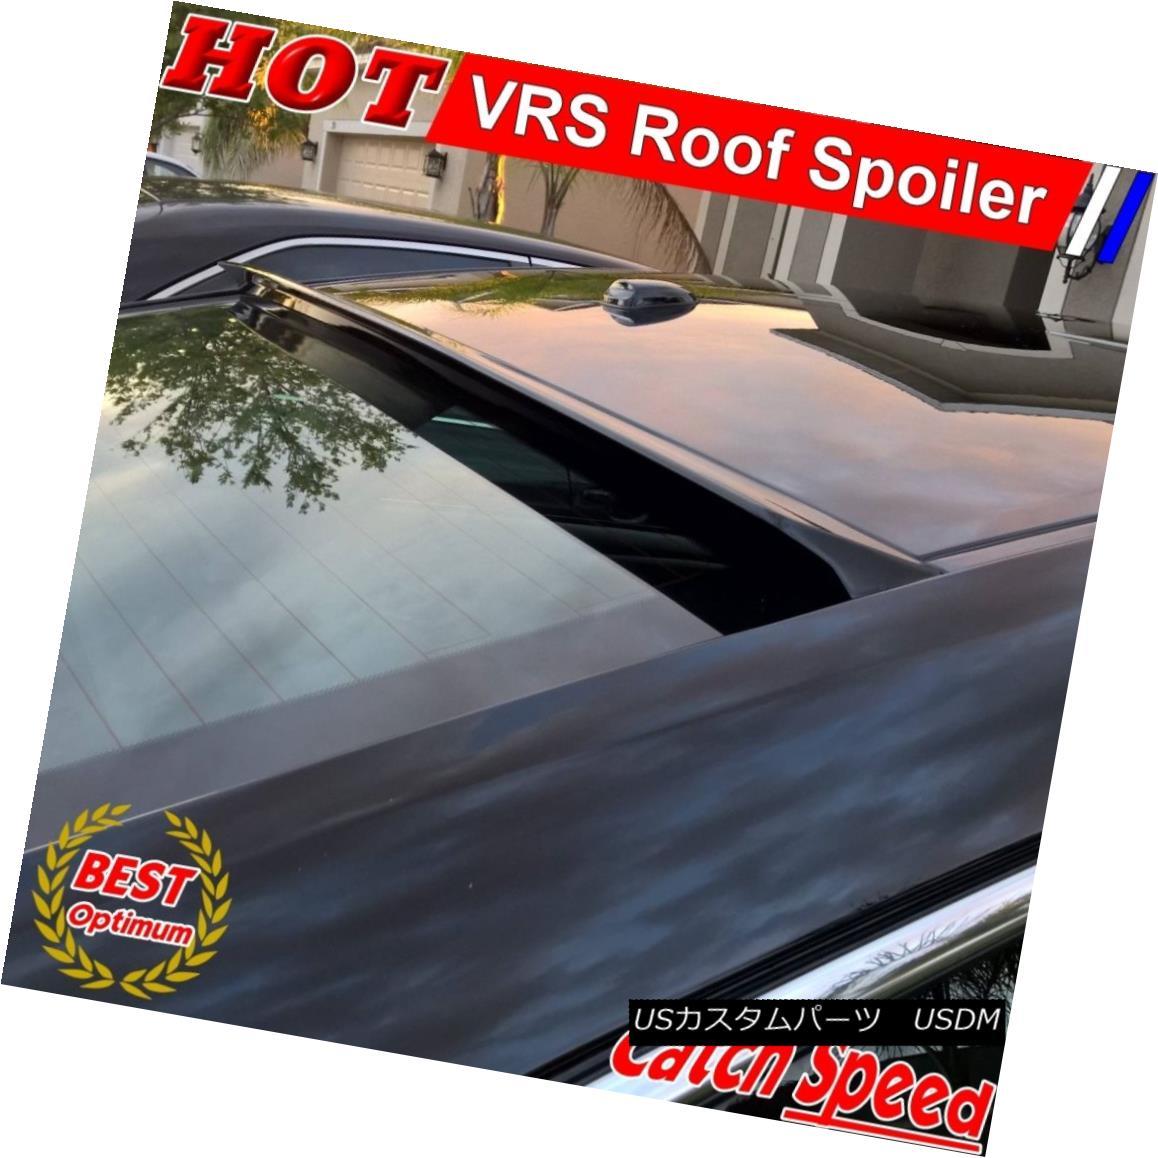 エアロパーツ Painted VRS Type Rear Roof Spoiler Wing For TOYOTA CAMRY Sedan 2002-06 TOYOTA CAMRY Sedan用塗装VRSタイプリアルーフスポイラーウイング2002-06